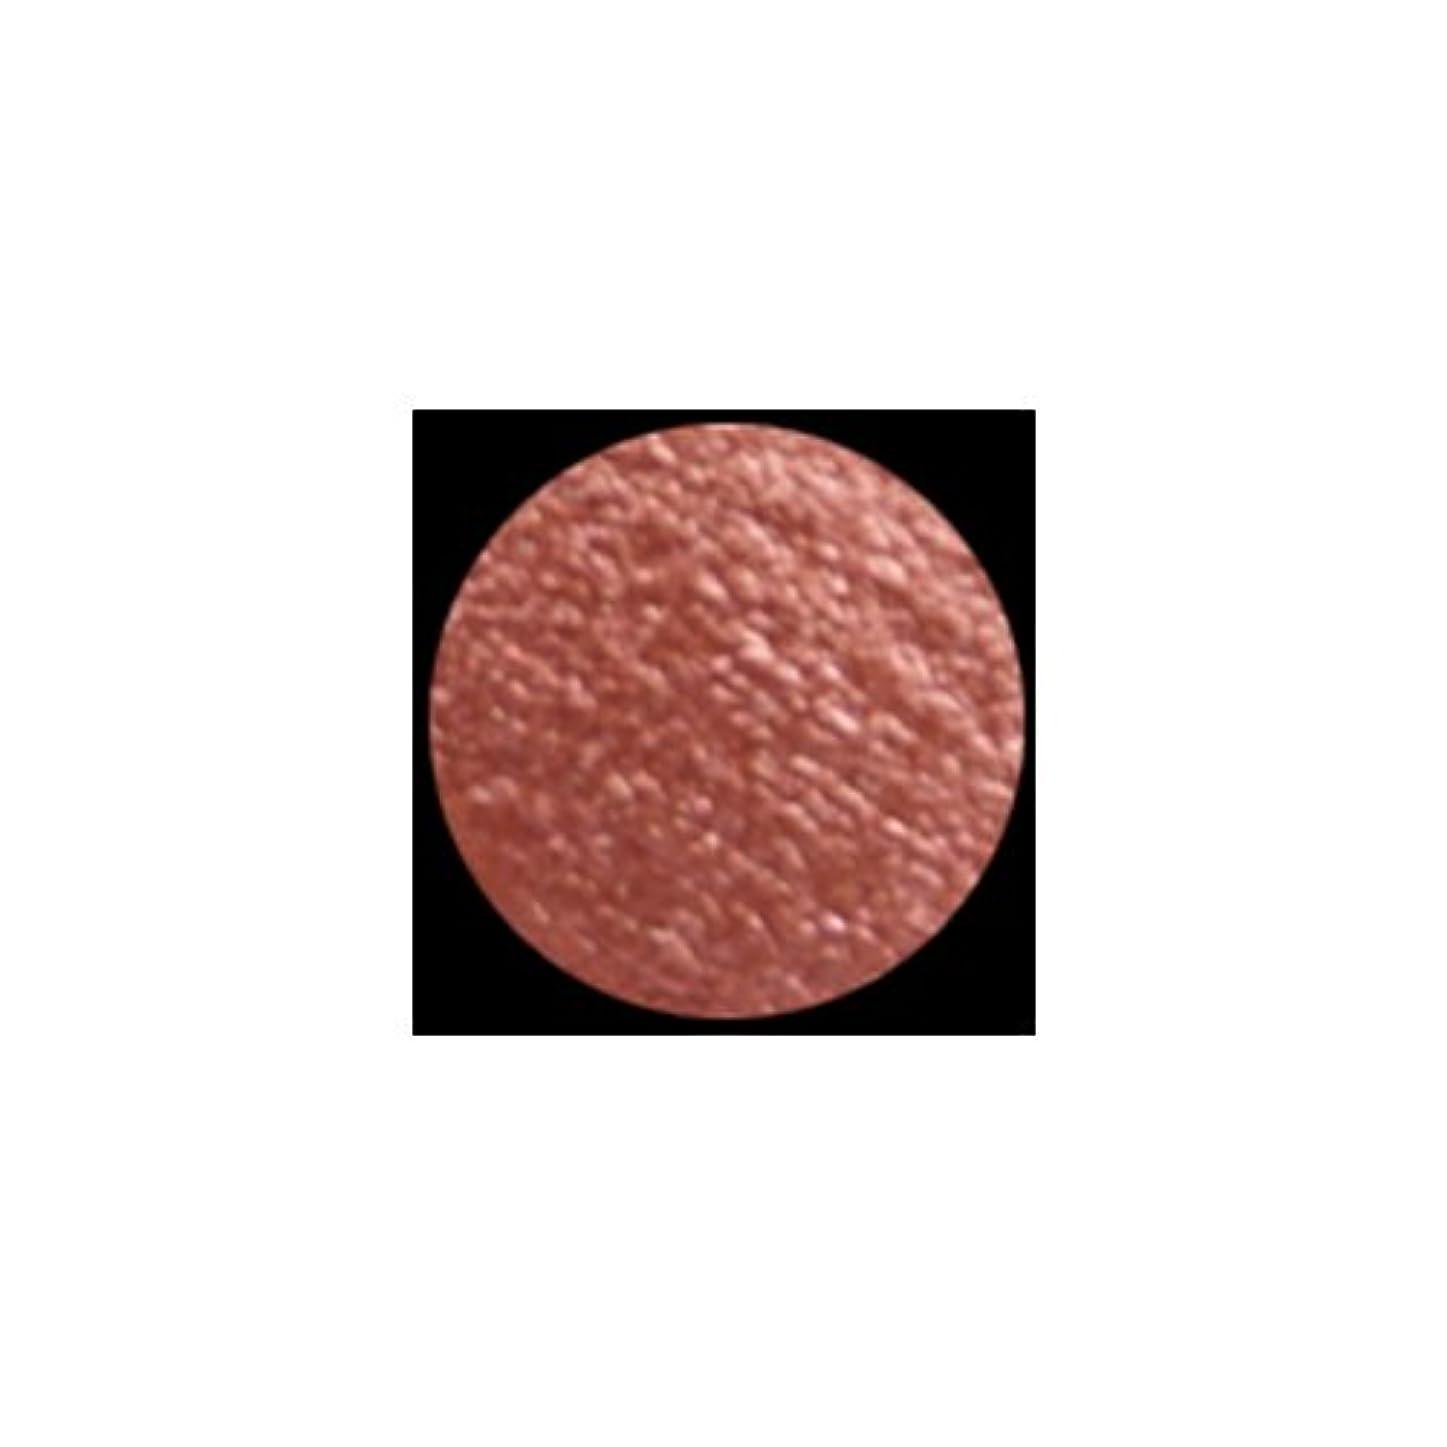 いとこ権利を与える魔法KLEANCOLOR American Eyedol (Wet/Dry Baked Eyeshadow) - Burgundy (並行輸入品)